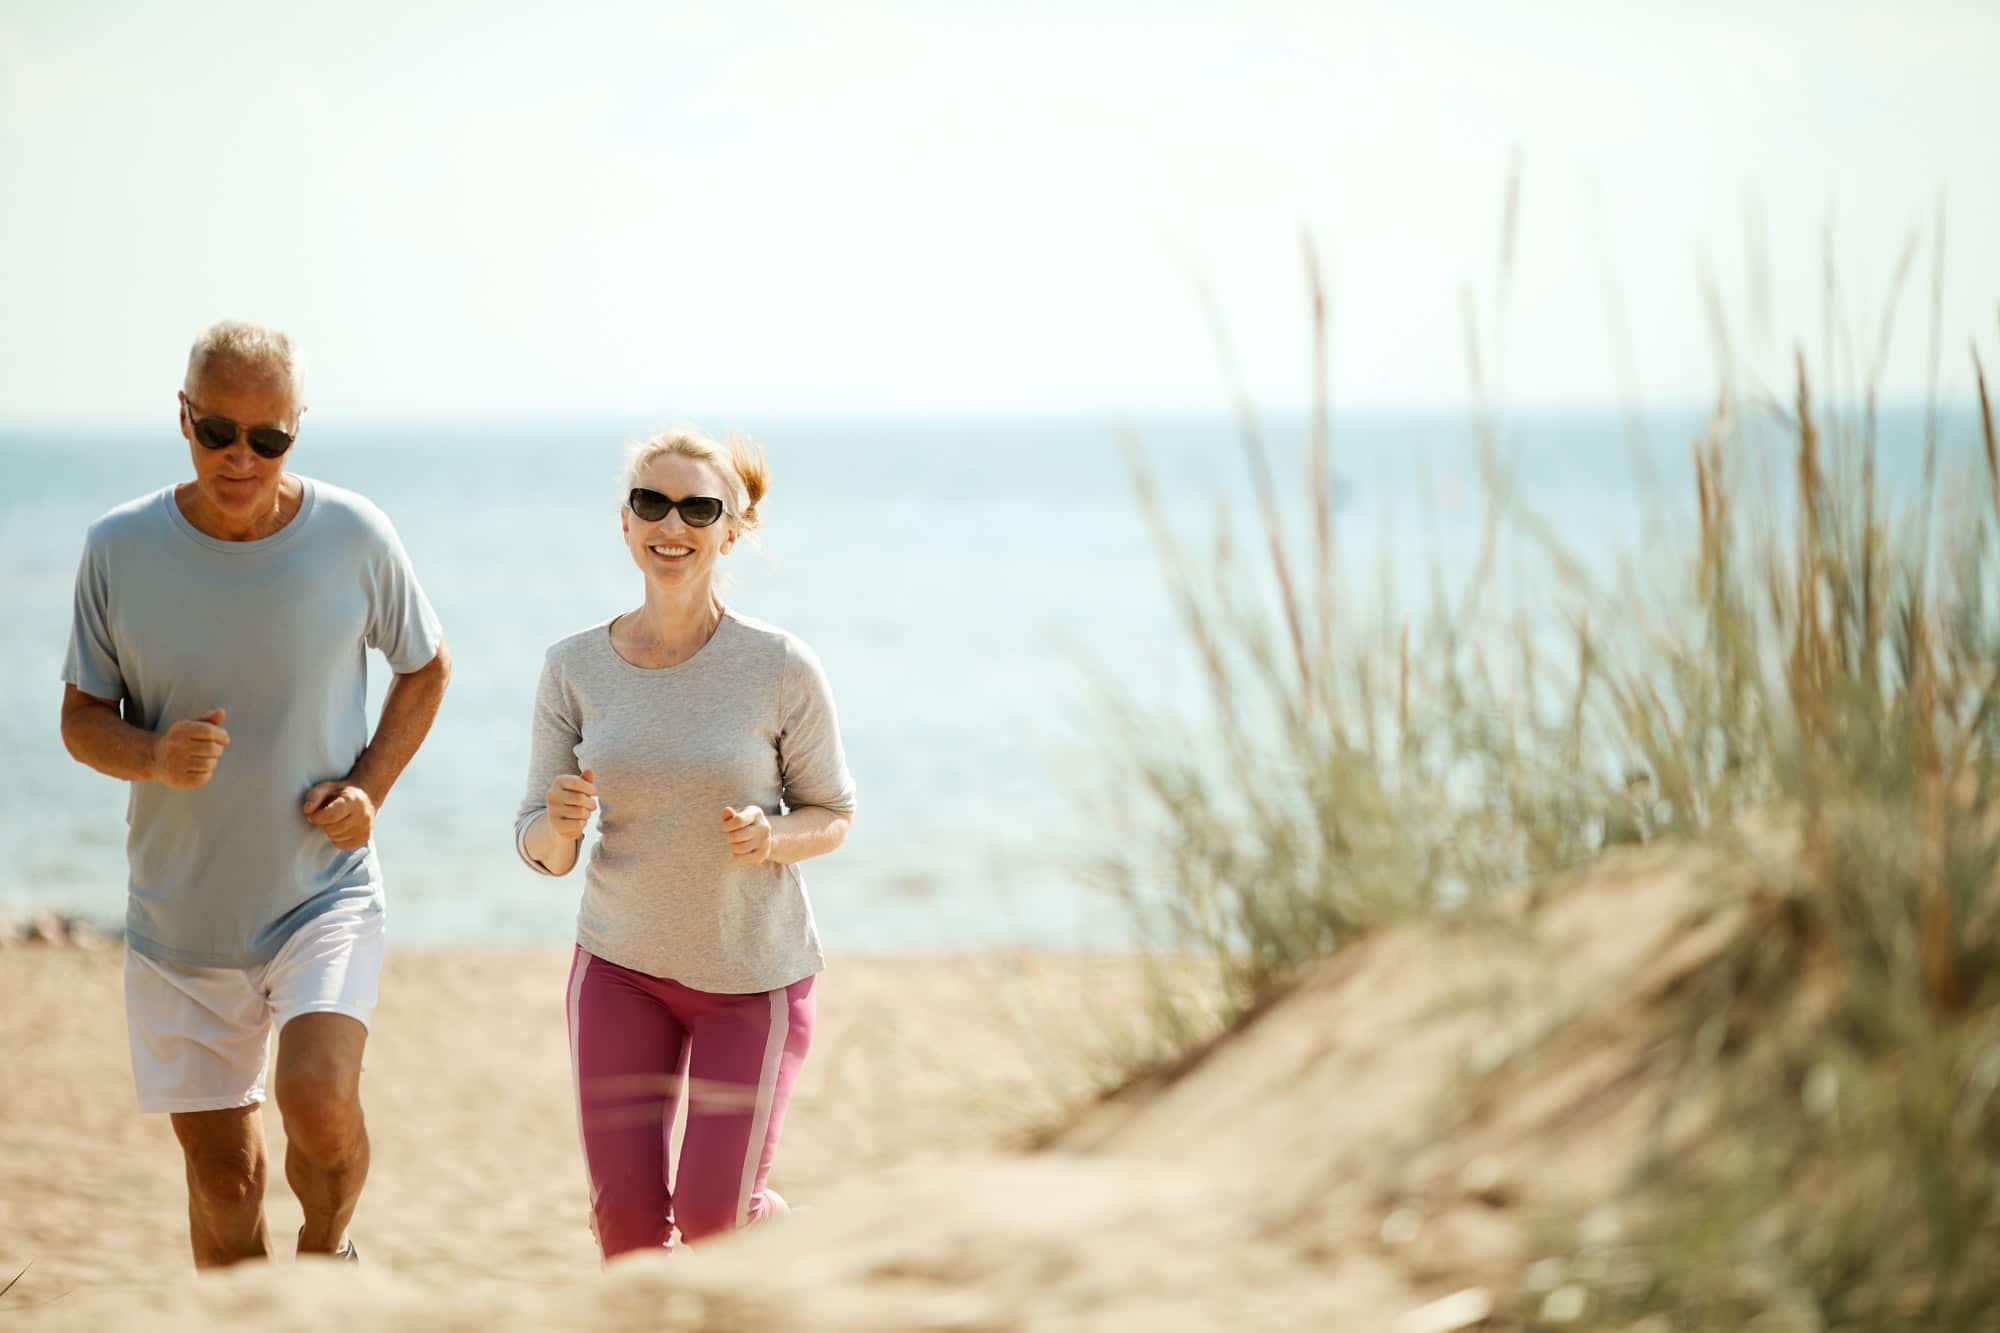 Joggen im Urlaub an der Schlei trotz bereits bestehender Knieprobleme?